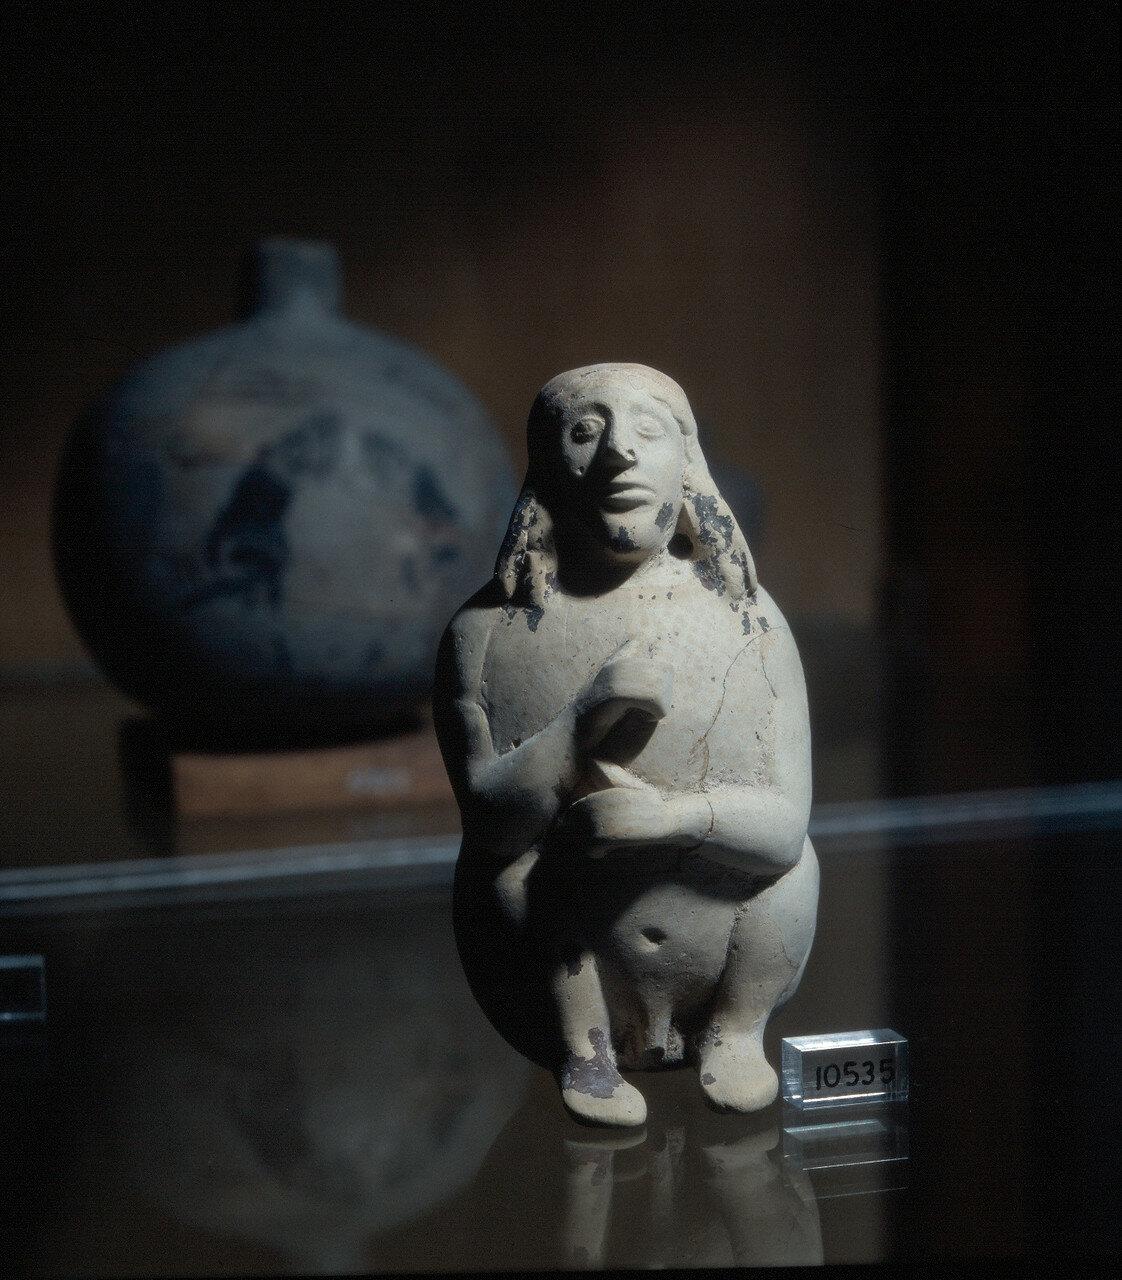 Родос, Археологический музей. Терракотовый бальзамарион, VI в. до н.э.